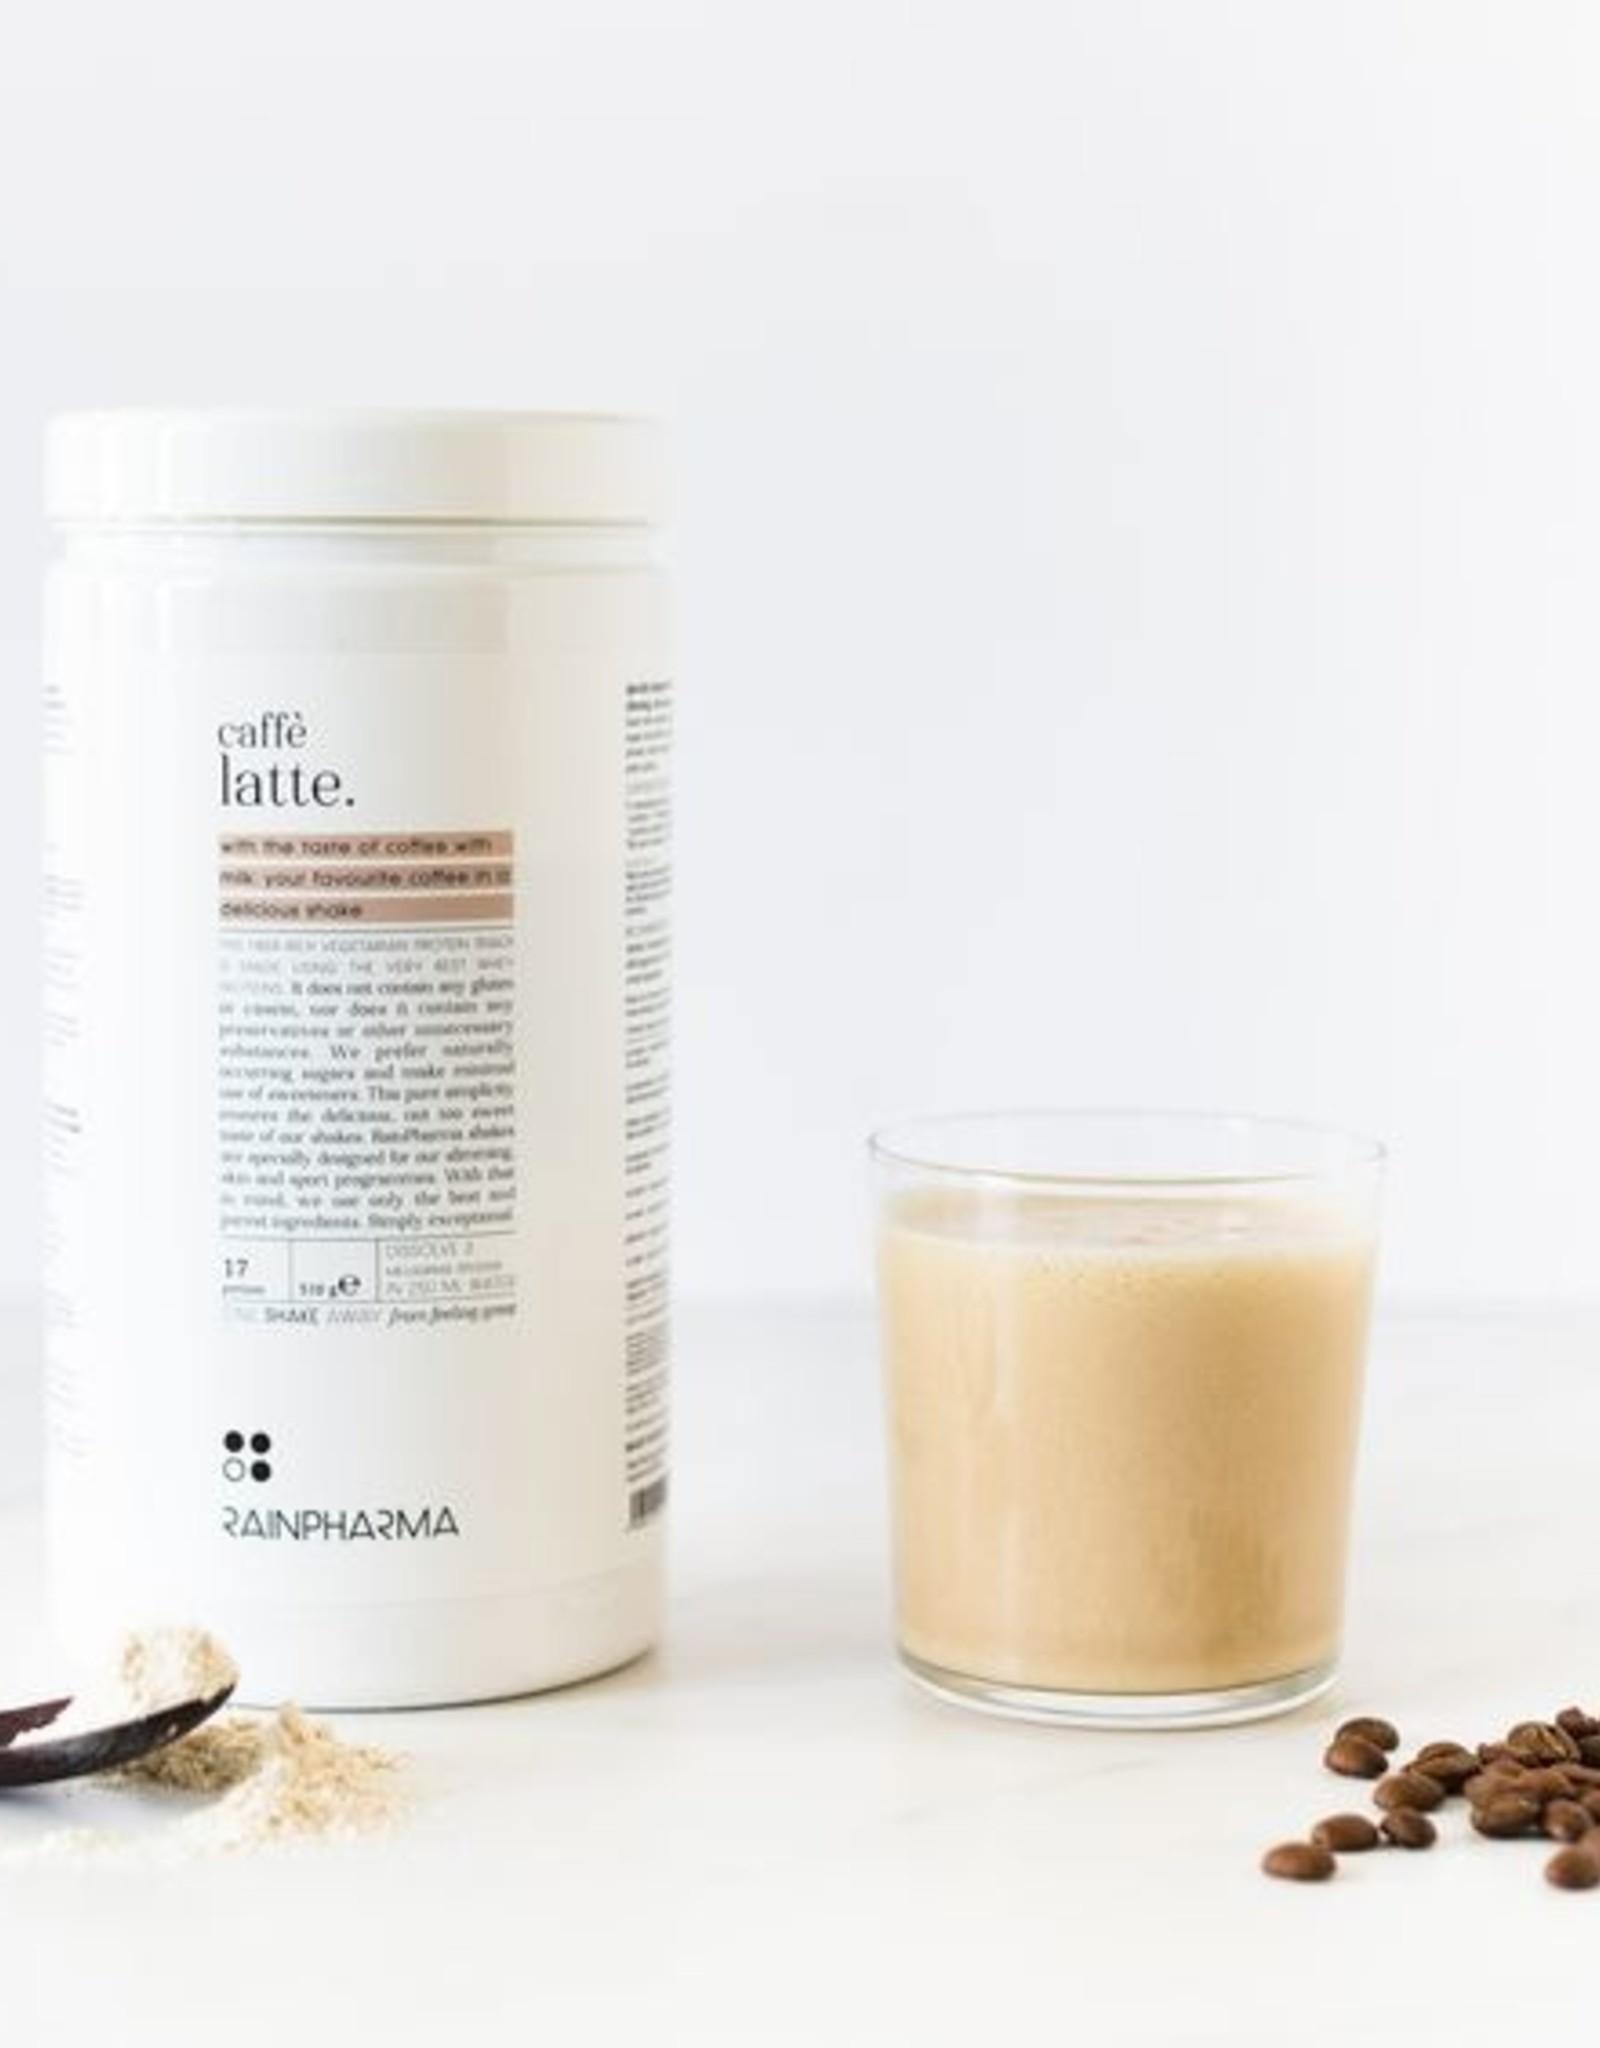 RainPharma Caffe Latte XL 1350g - Rainpharma